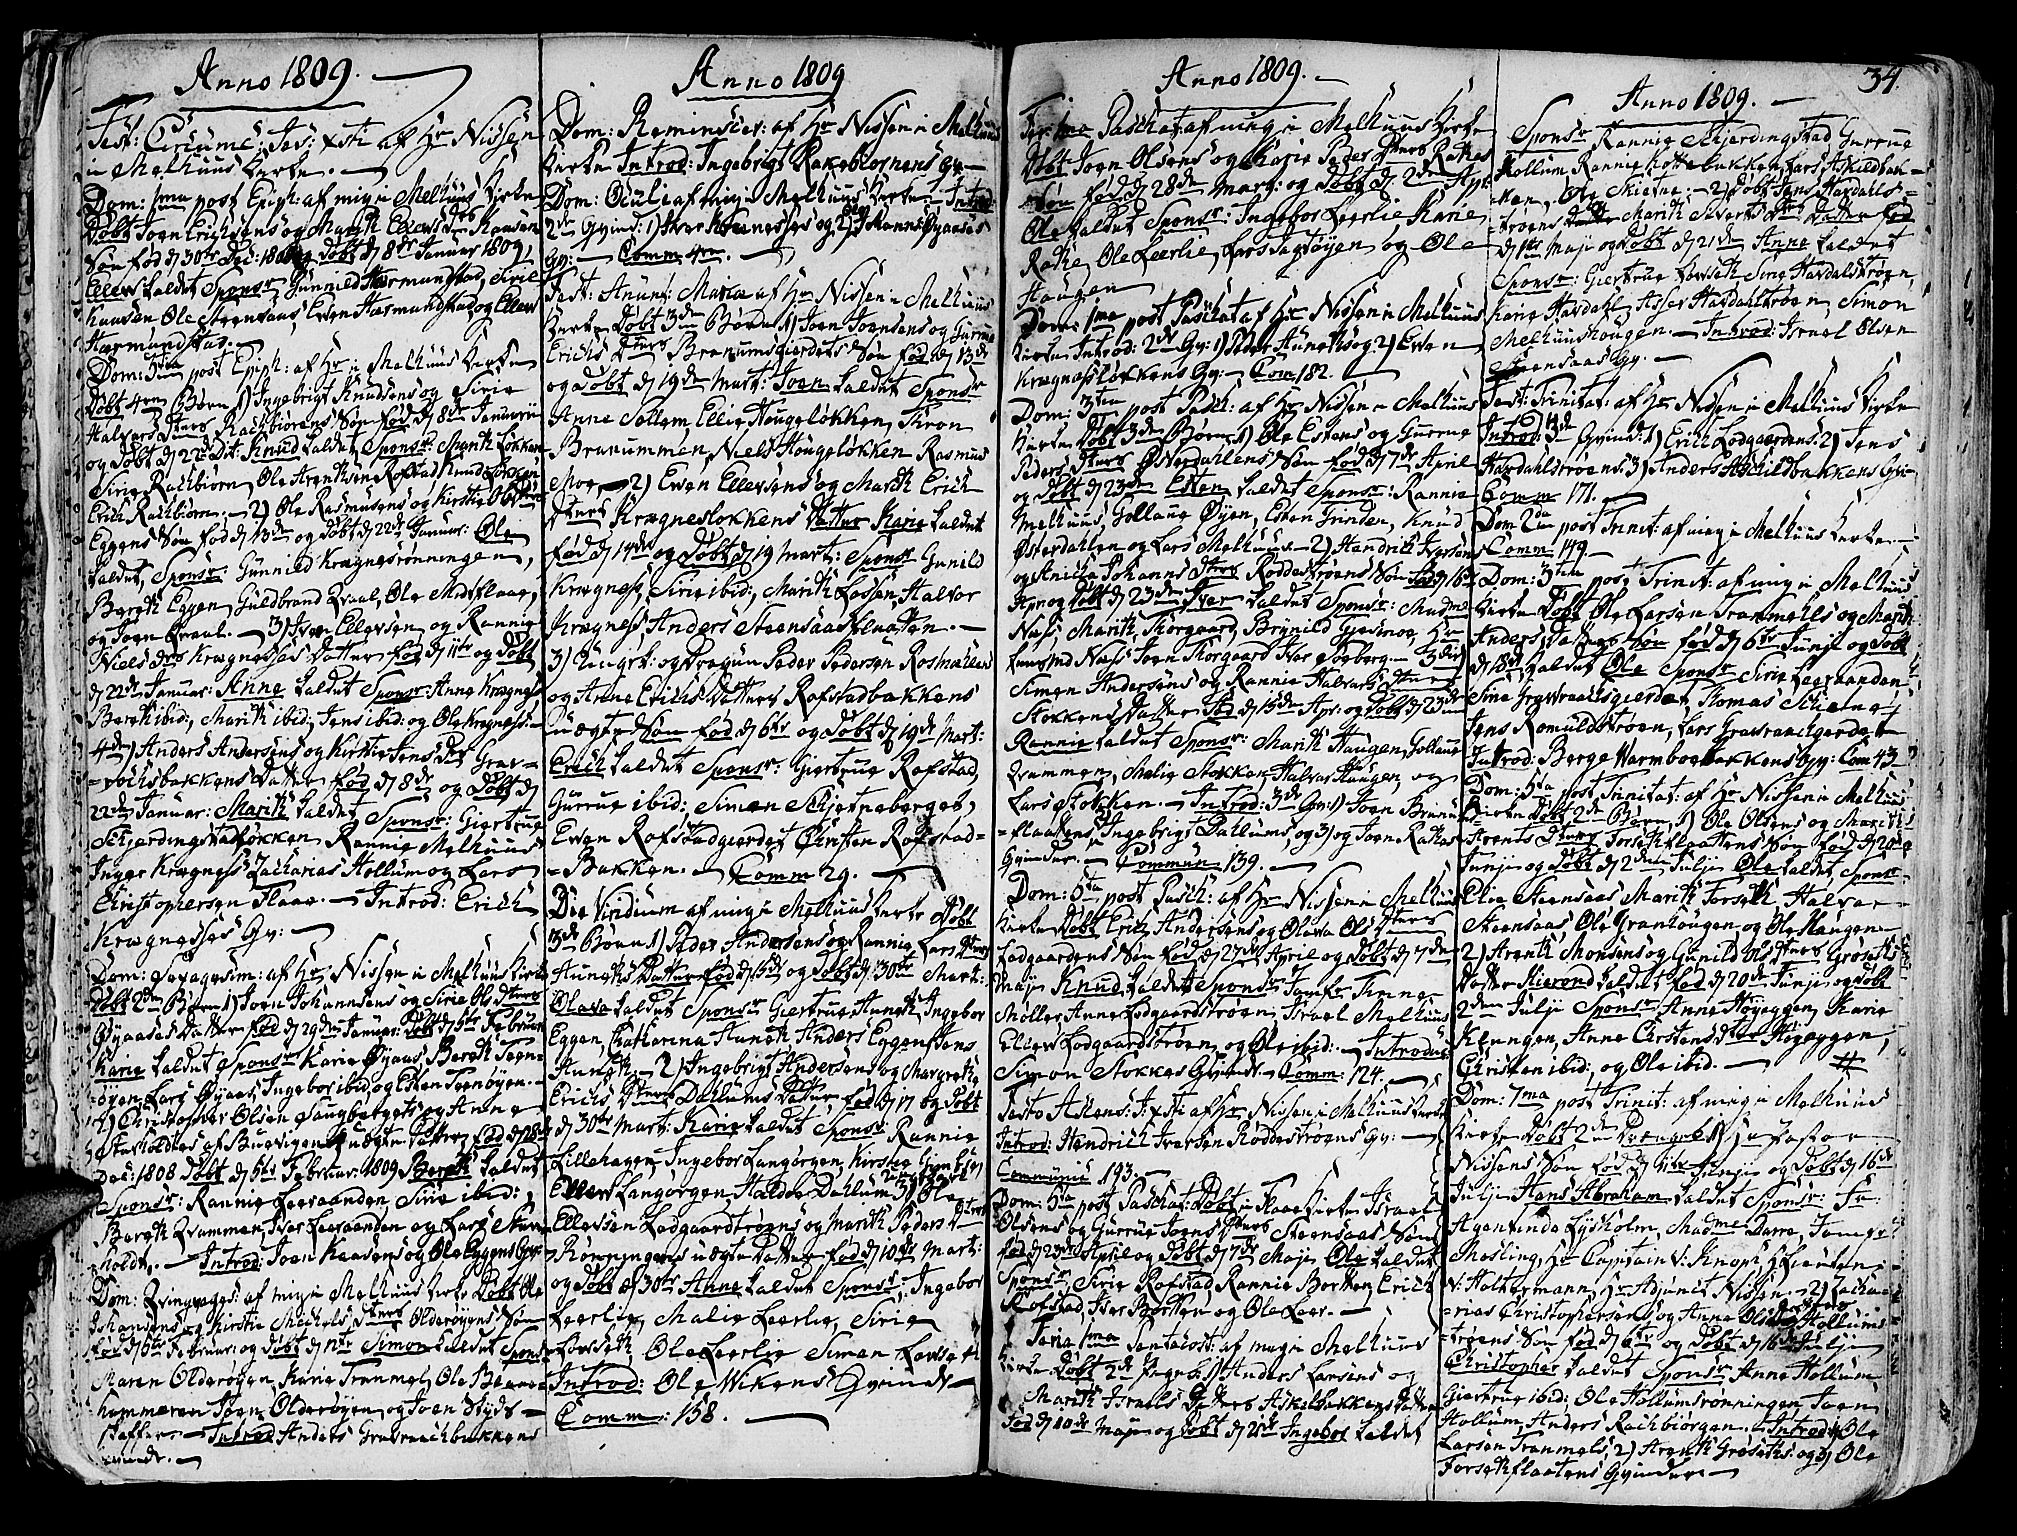 SAT, Ministerialprotokoller, klokkerbøker og fødselsregistre - Sør-Trøndelag, 691/L1061: Ministerialbok nr. 691A02 /1, 1768-1815, s. 34